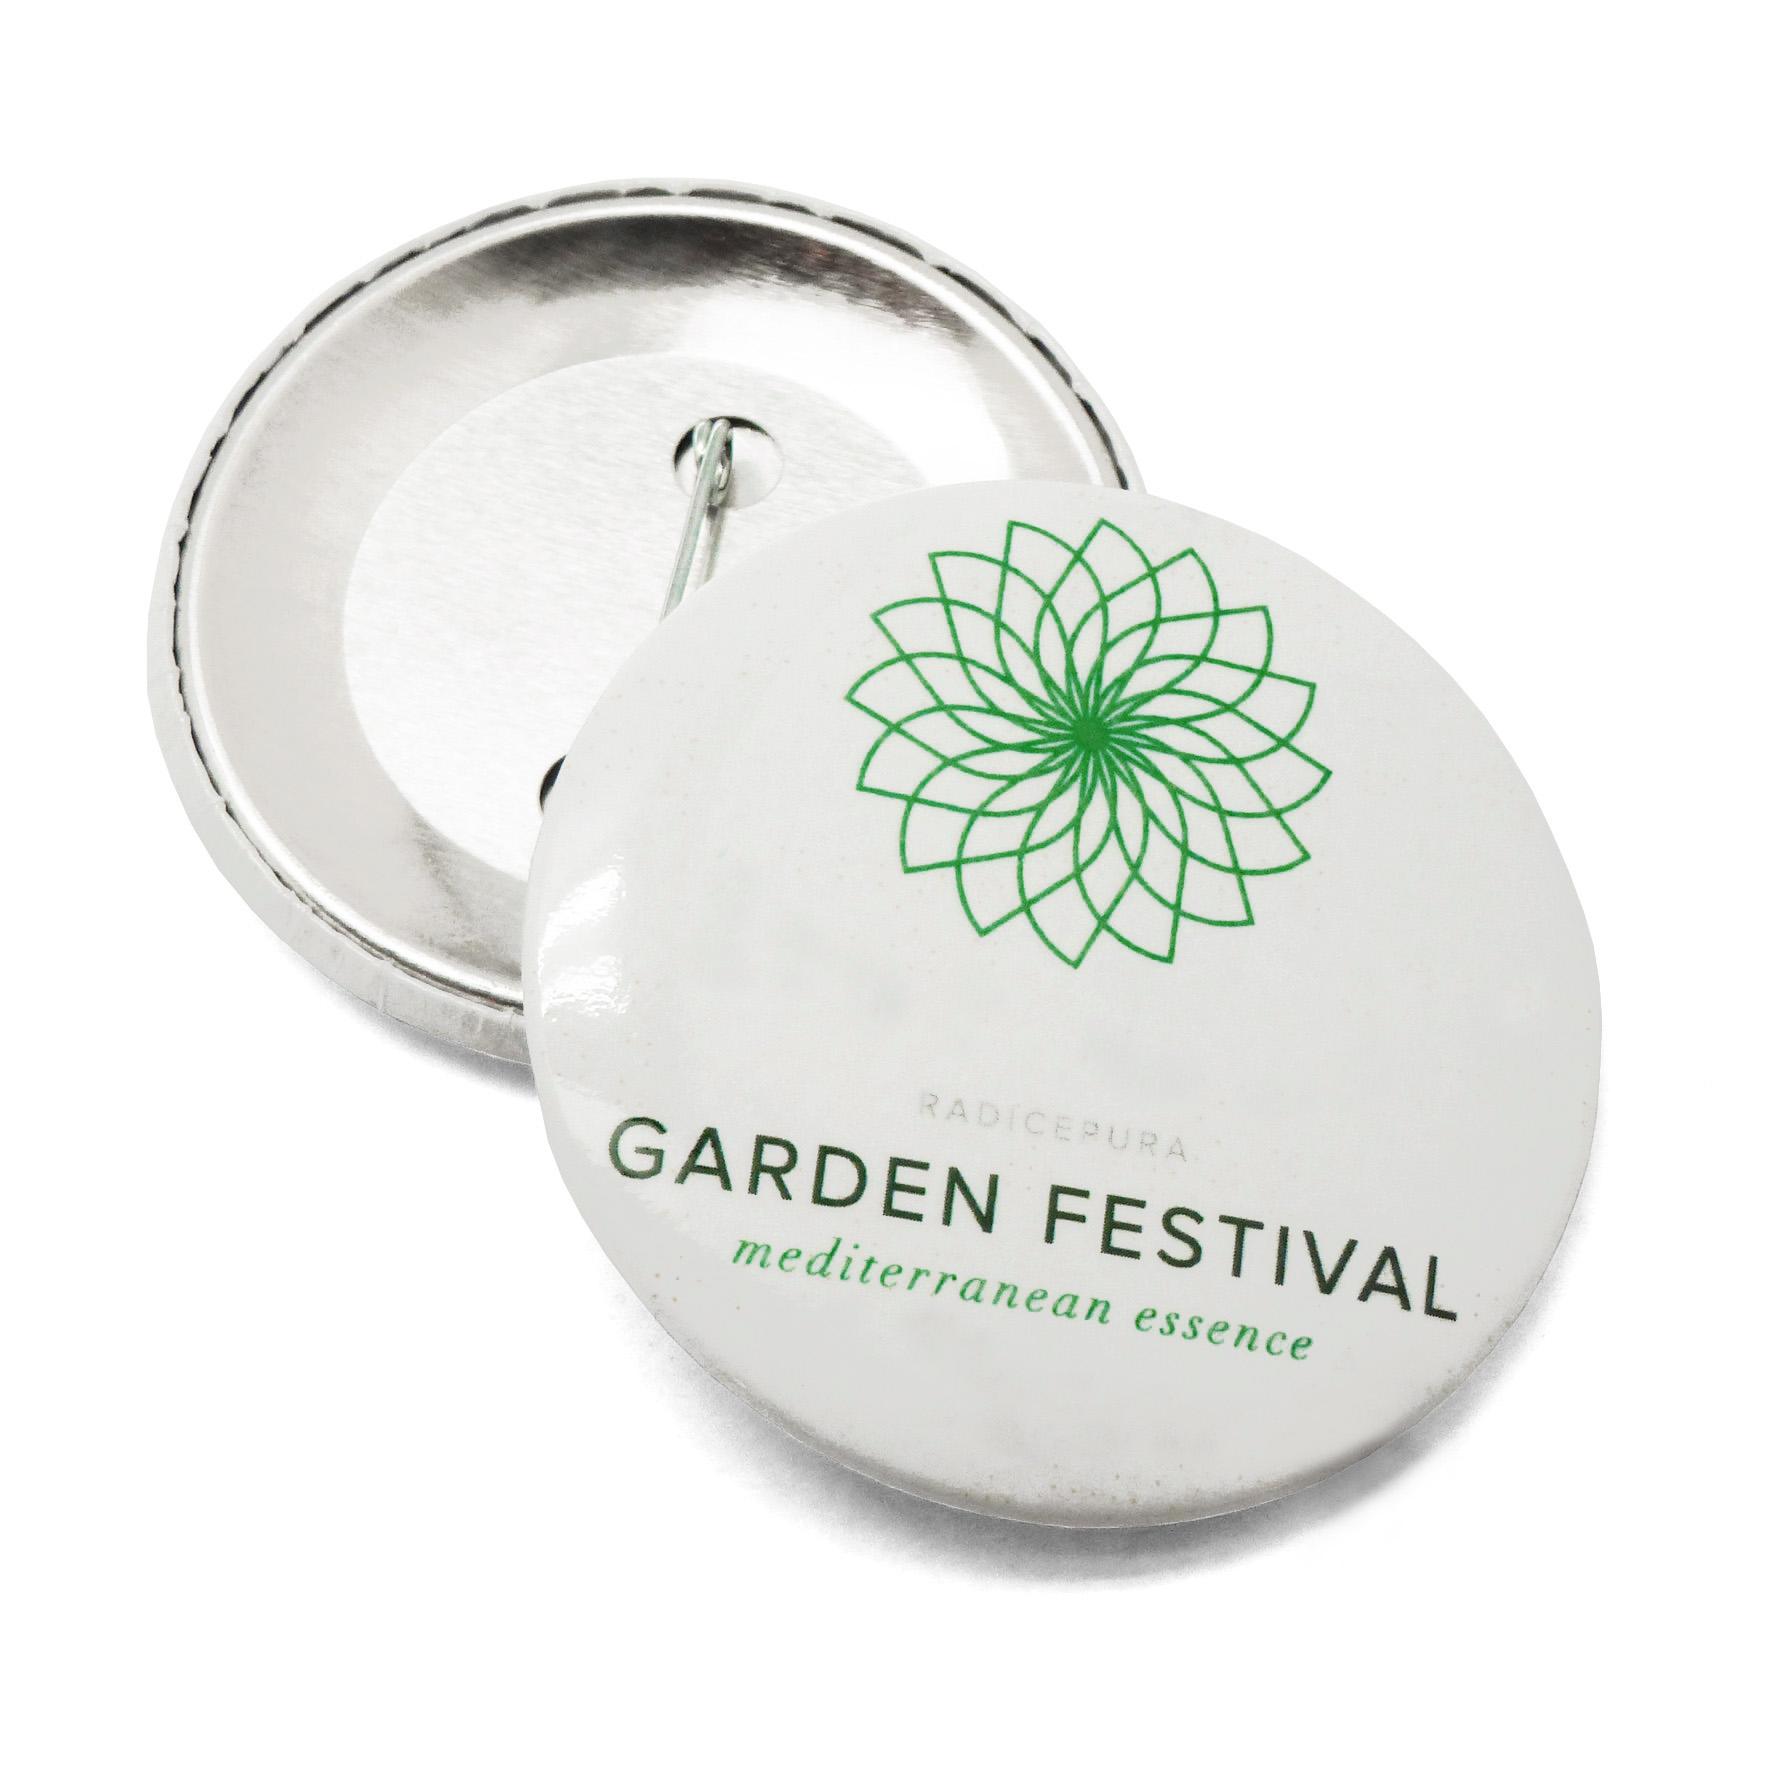 Spilla per RadicePura Garden festival